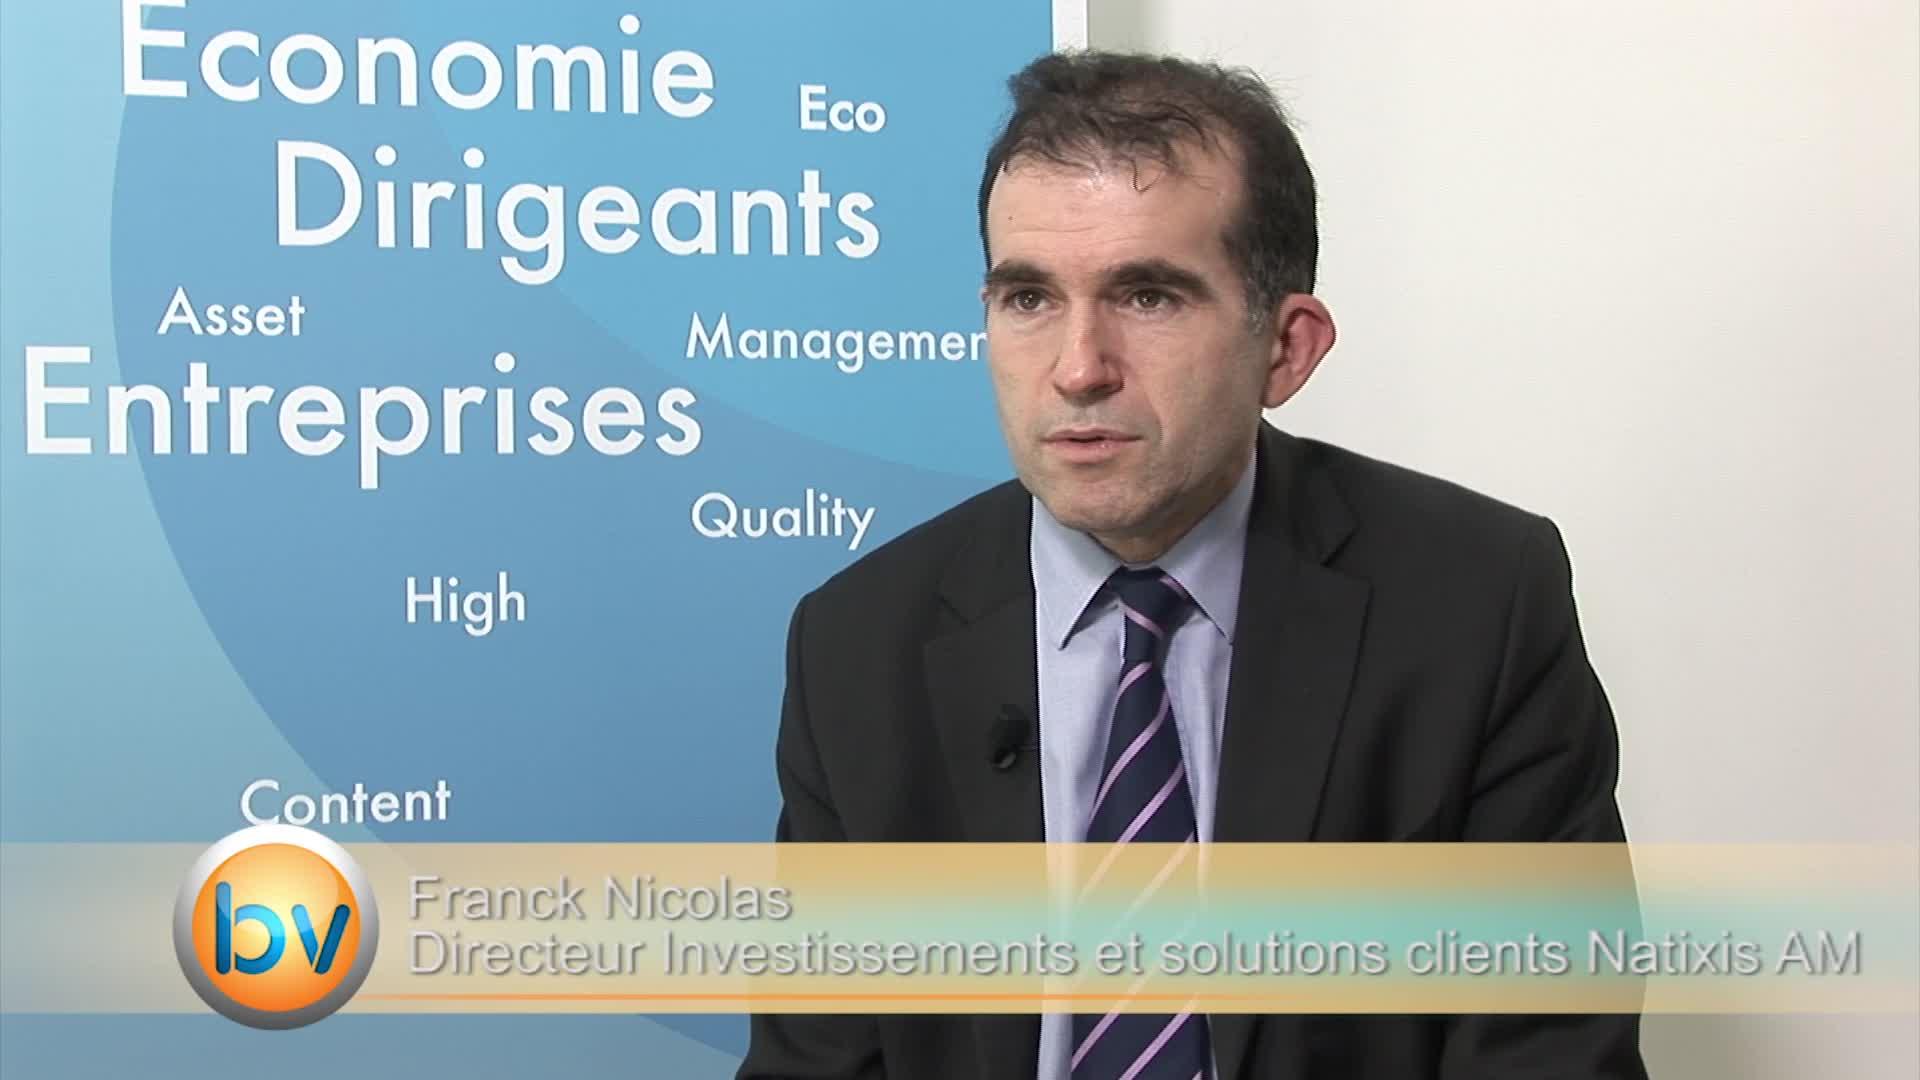 """Franck Nicolas Directeur des Investissements et solutions clients Natixis AM : """"Oui pour les marchés actions en zone euro"""""""